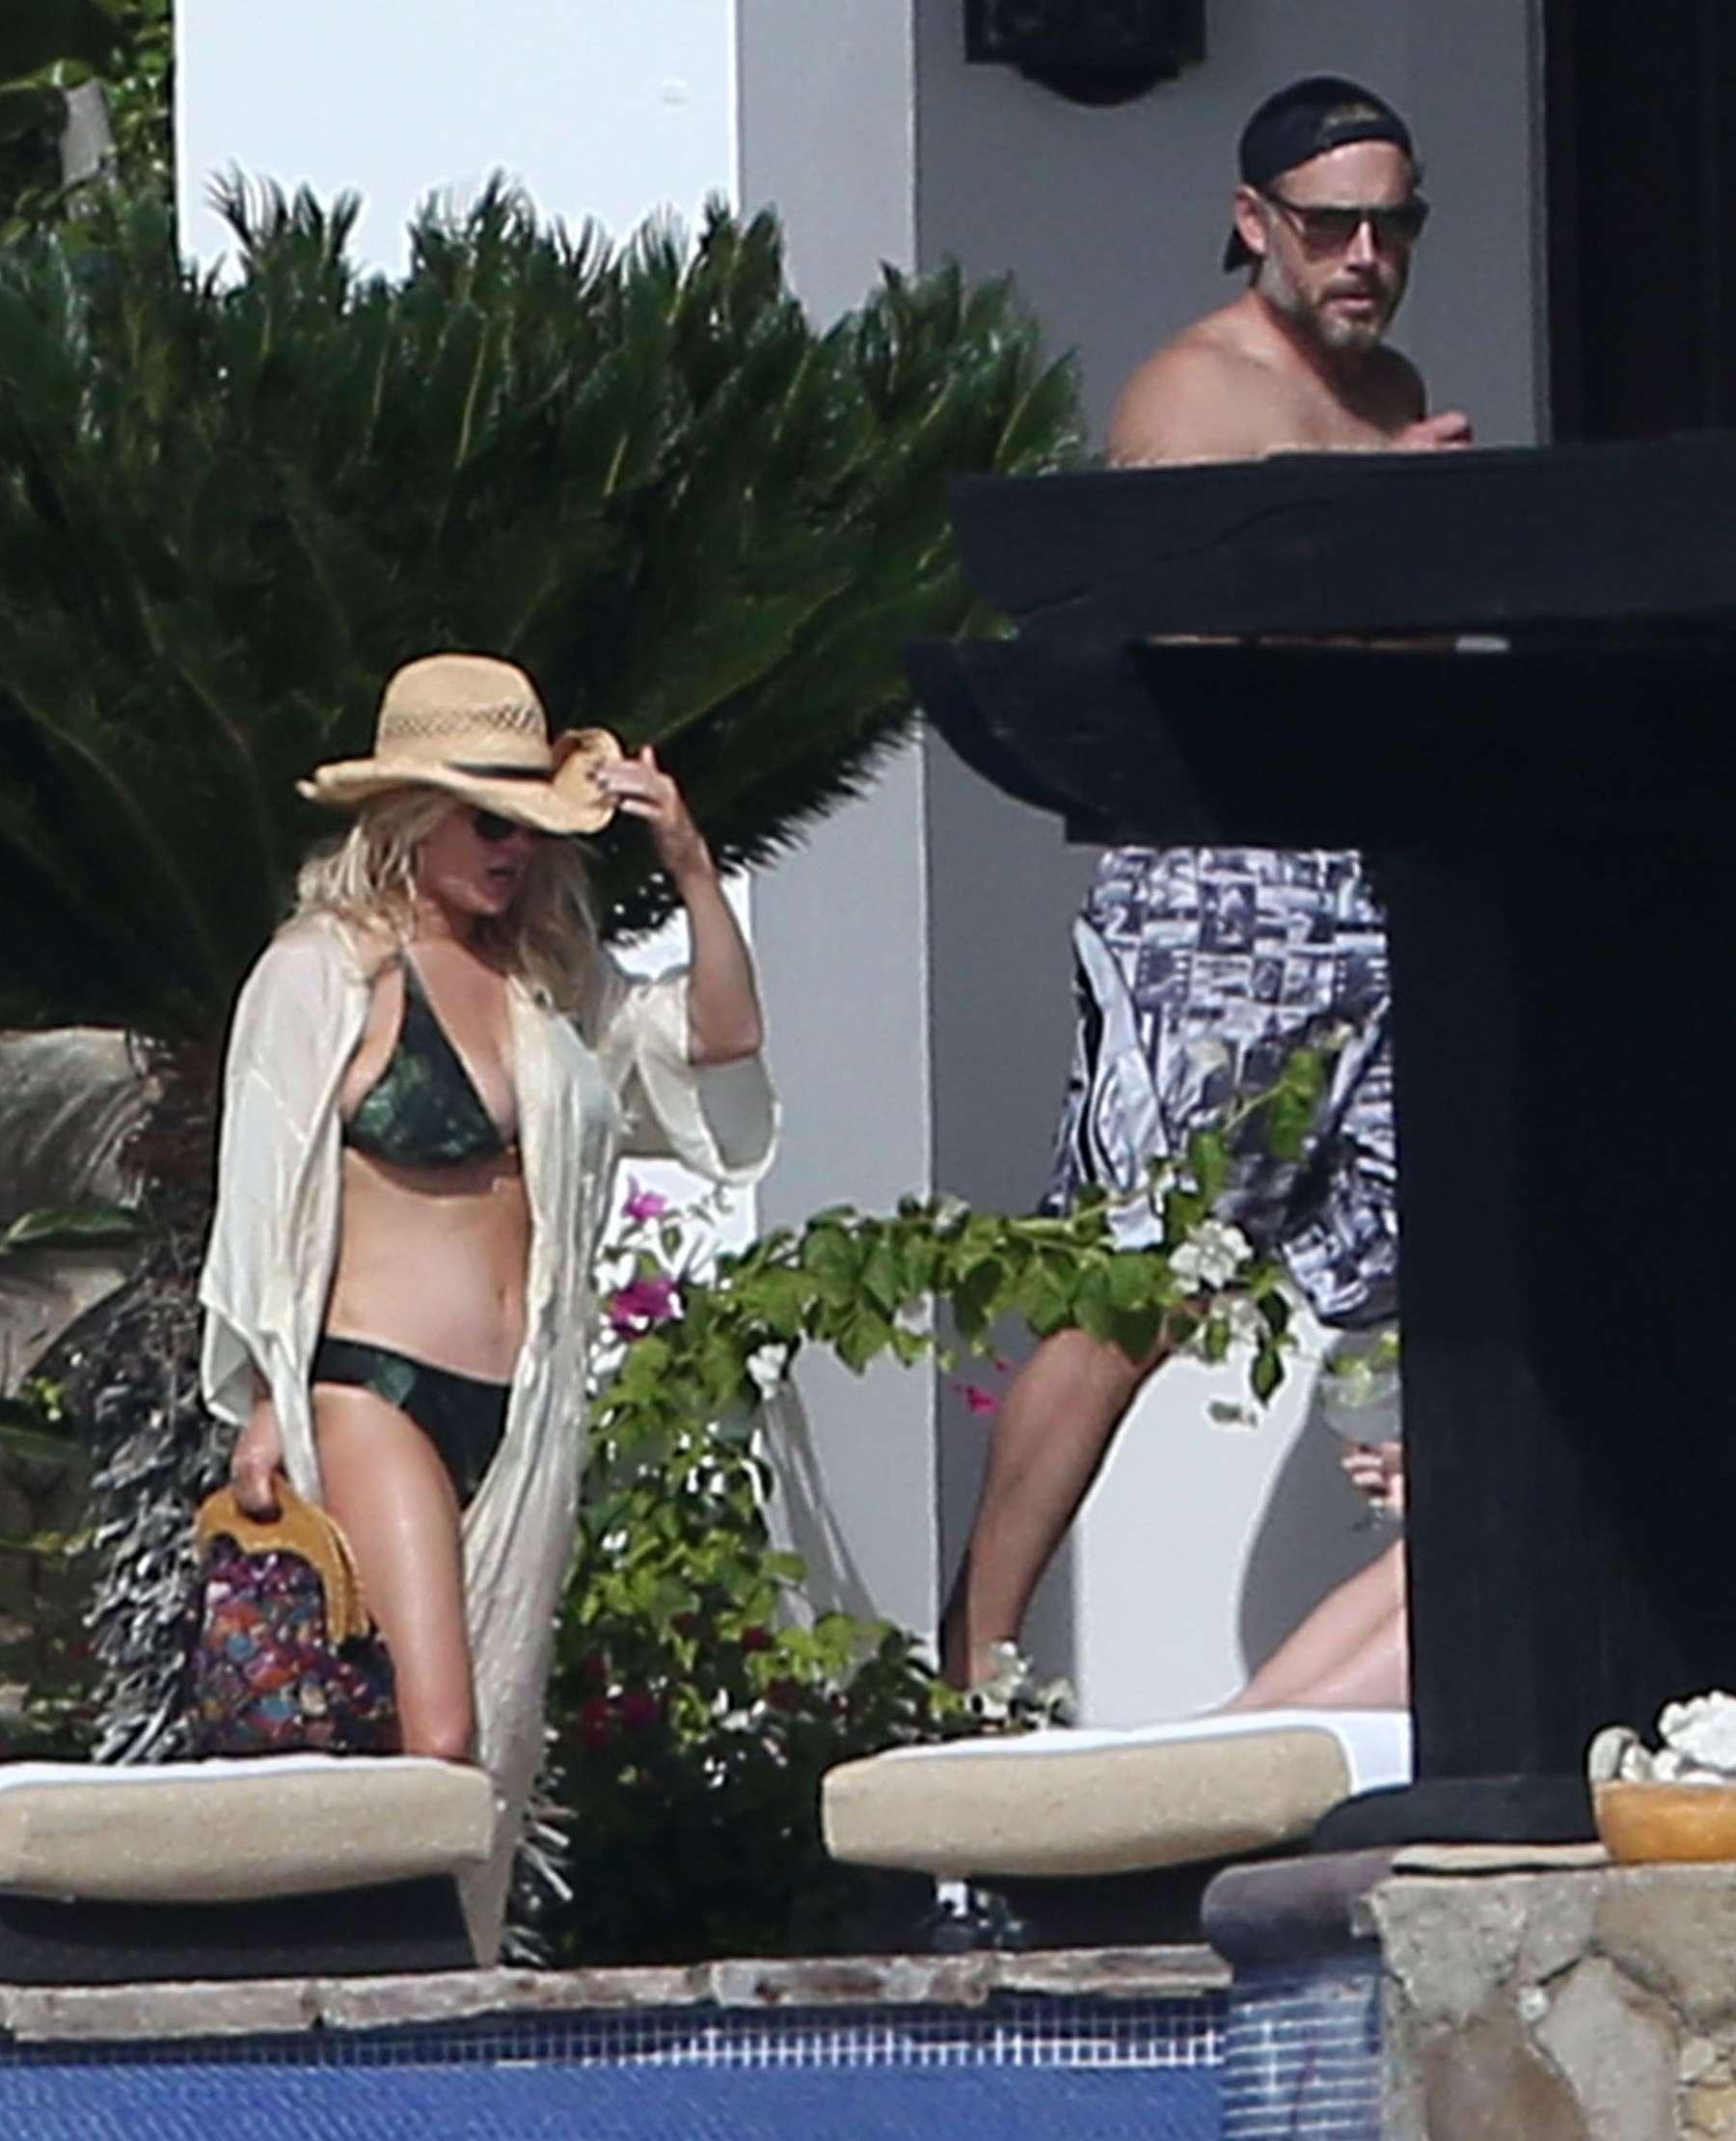 Lucas cabo jessica san bikini simpson